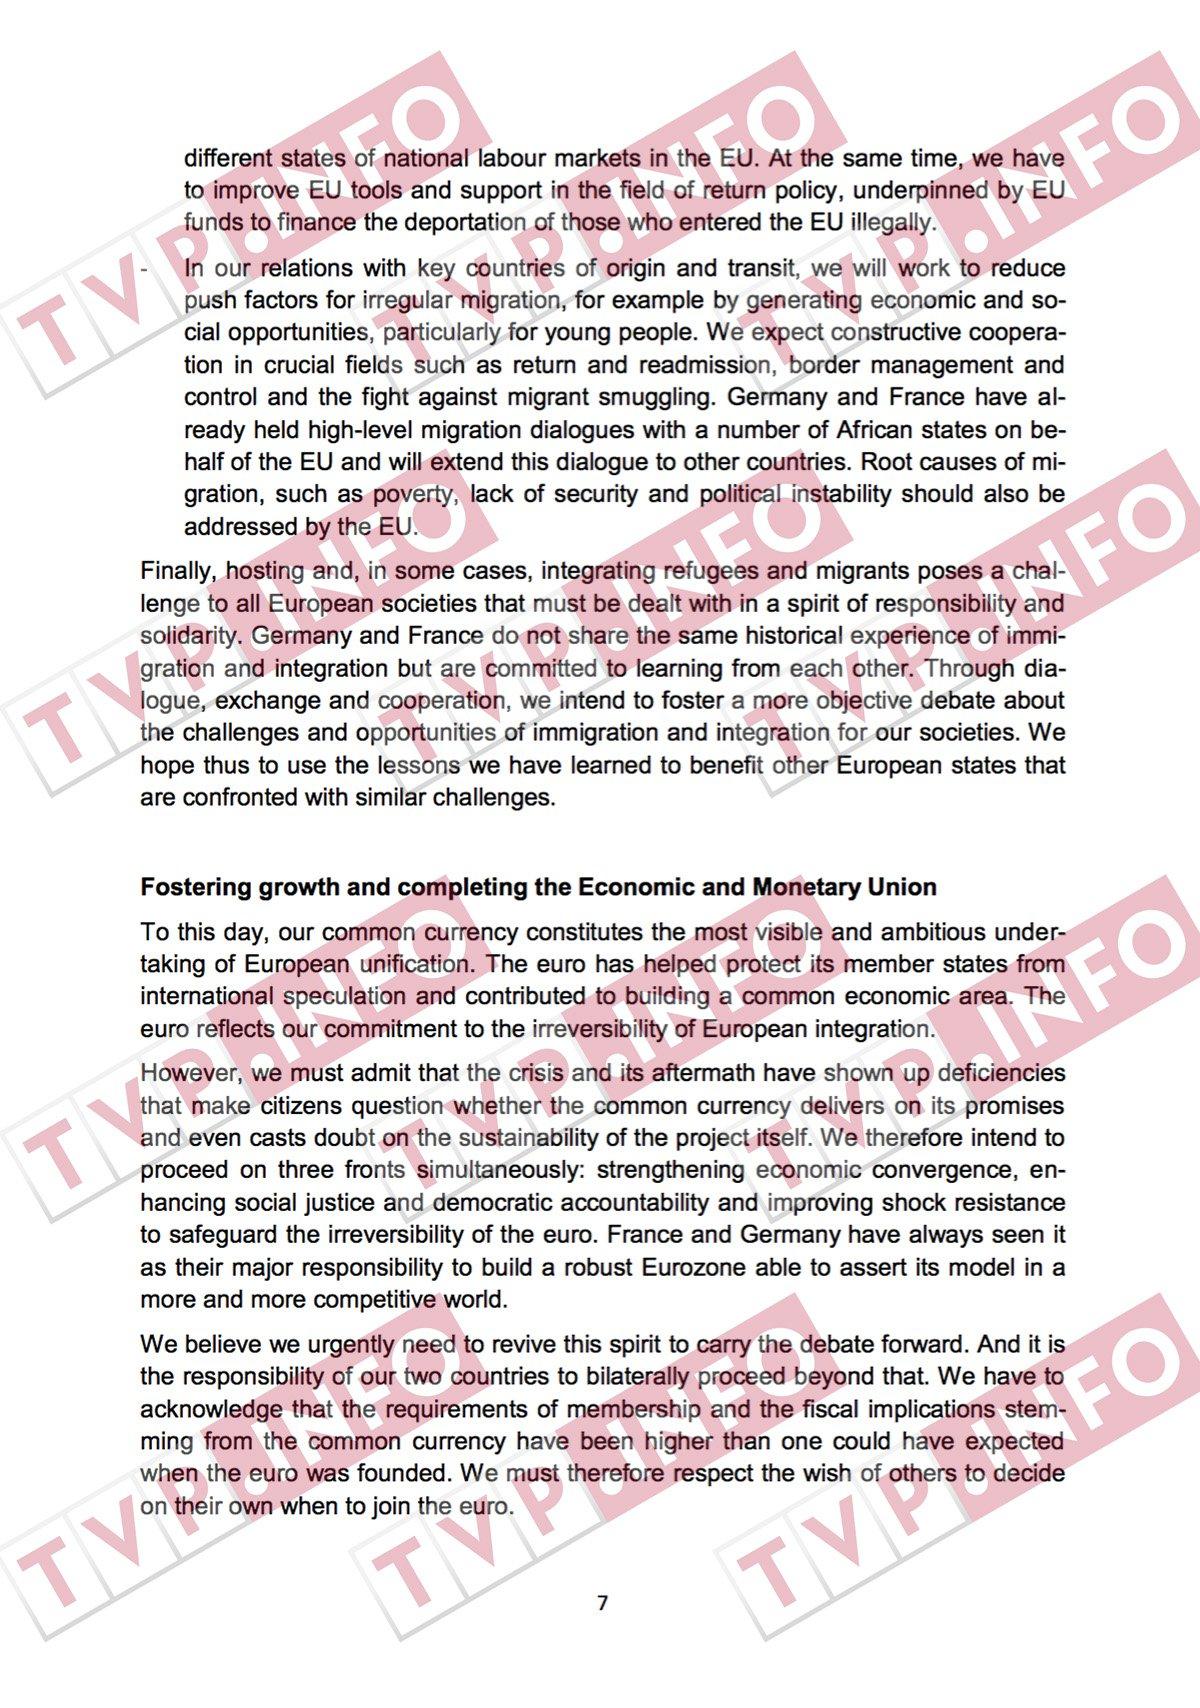 Geheimdokument-Europäischer-Superstaat-nimmt-Form-an-Kommentar-Oliver-Baron-GodmodeTrader.de-7